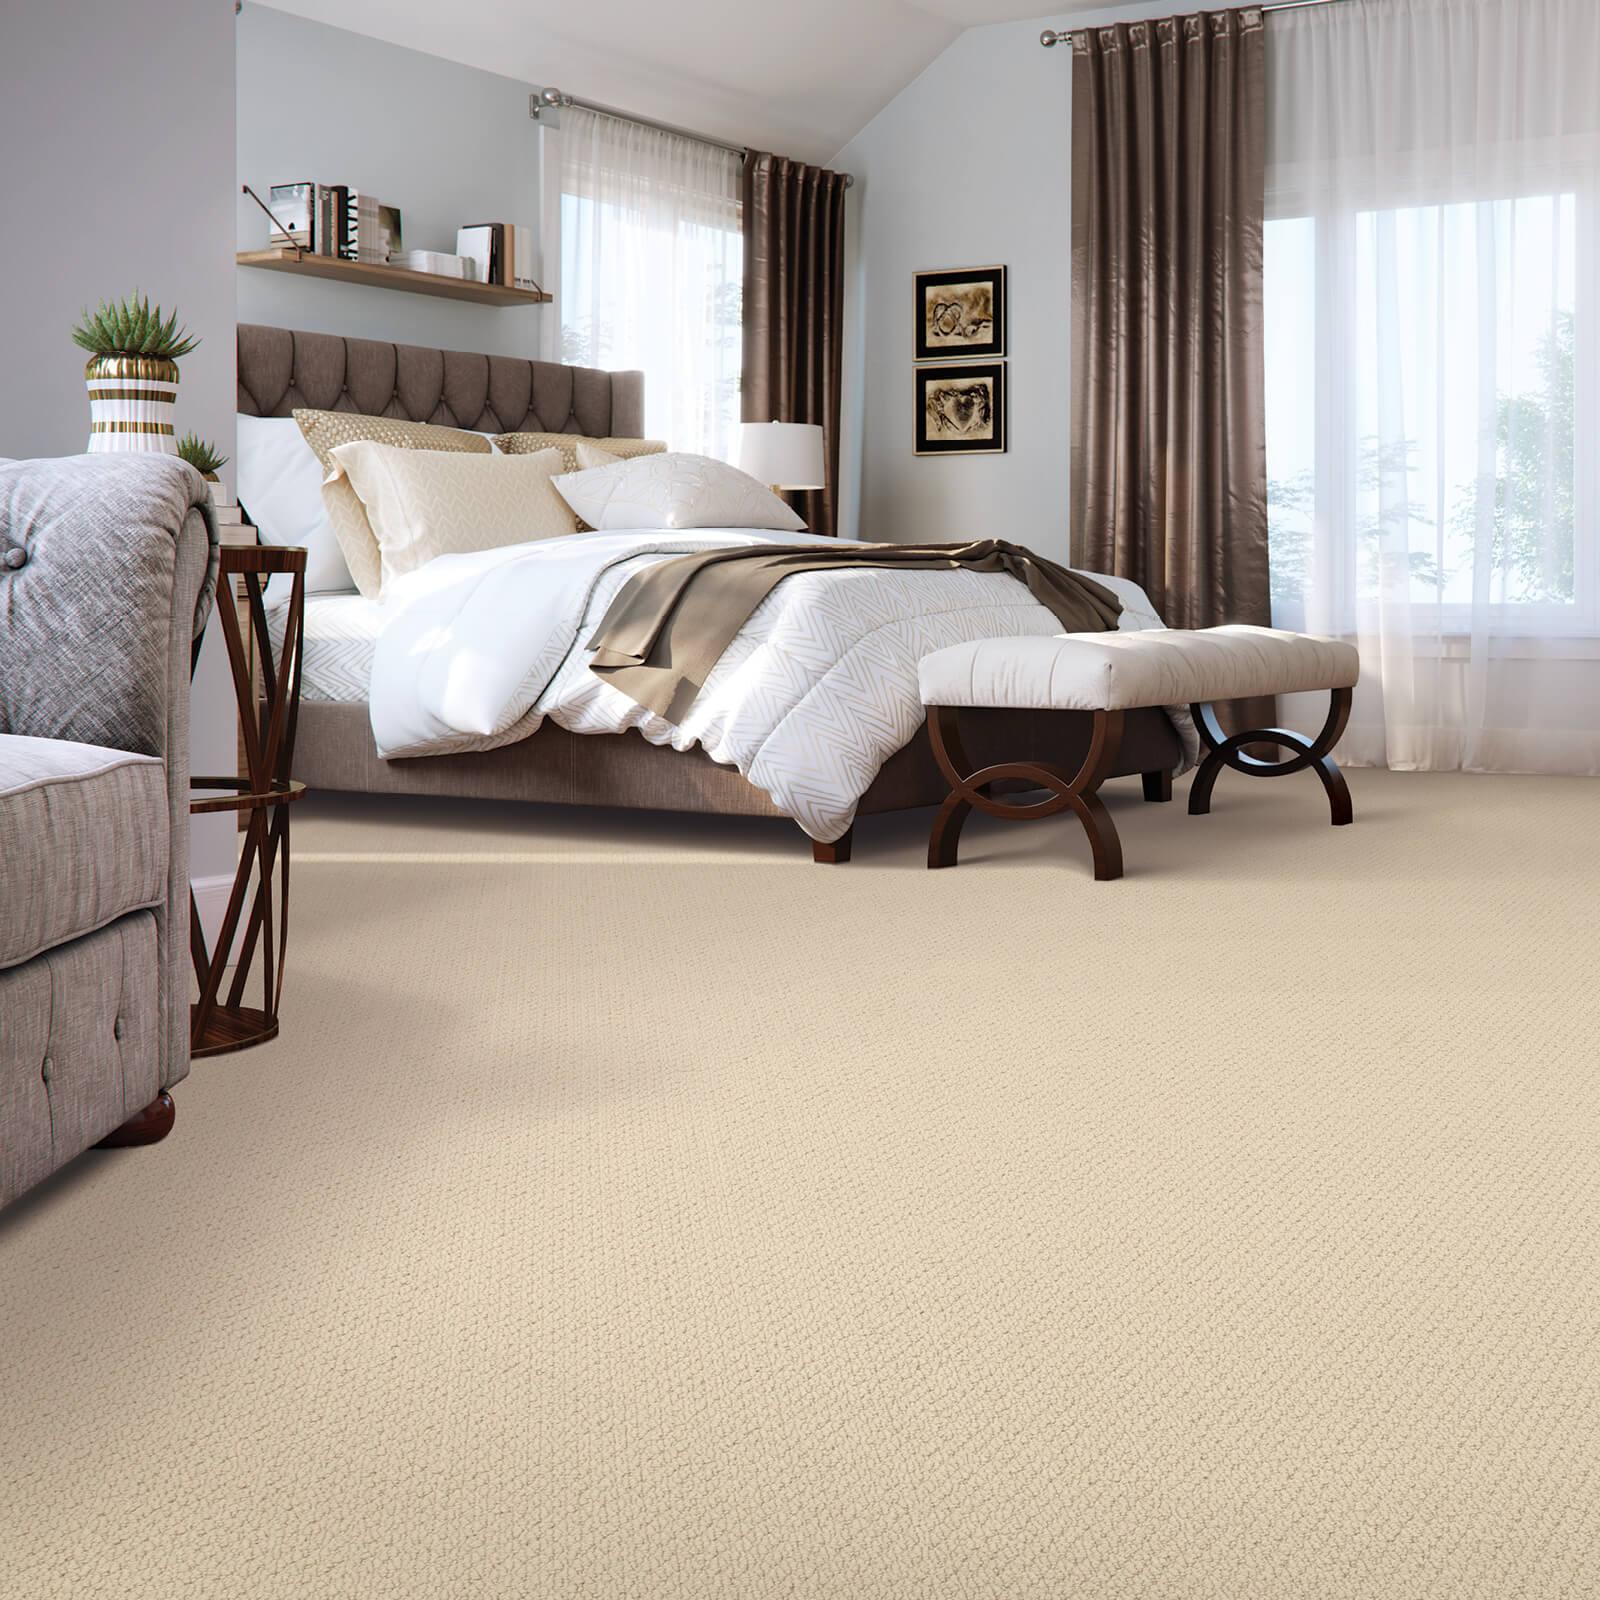 New carpet for bedroom | Dolphin Carpet & Tile